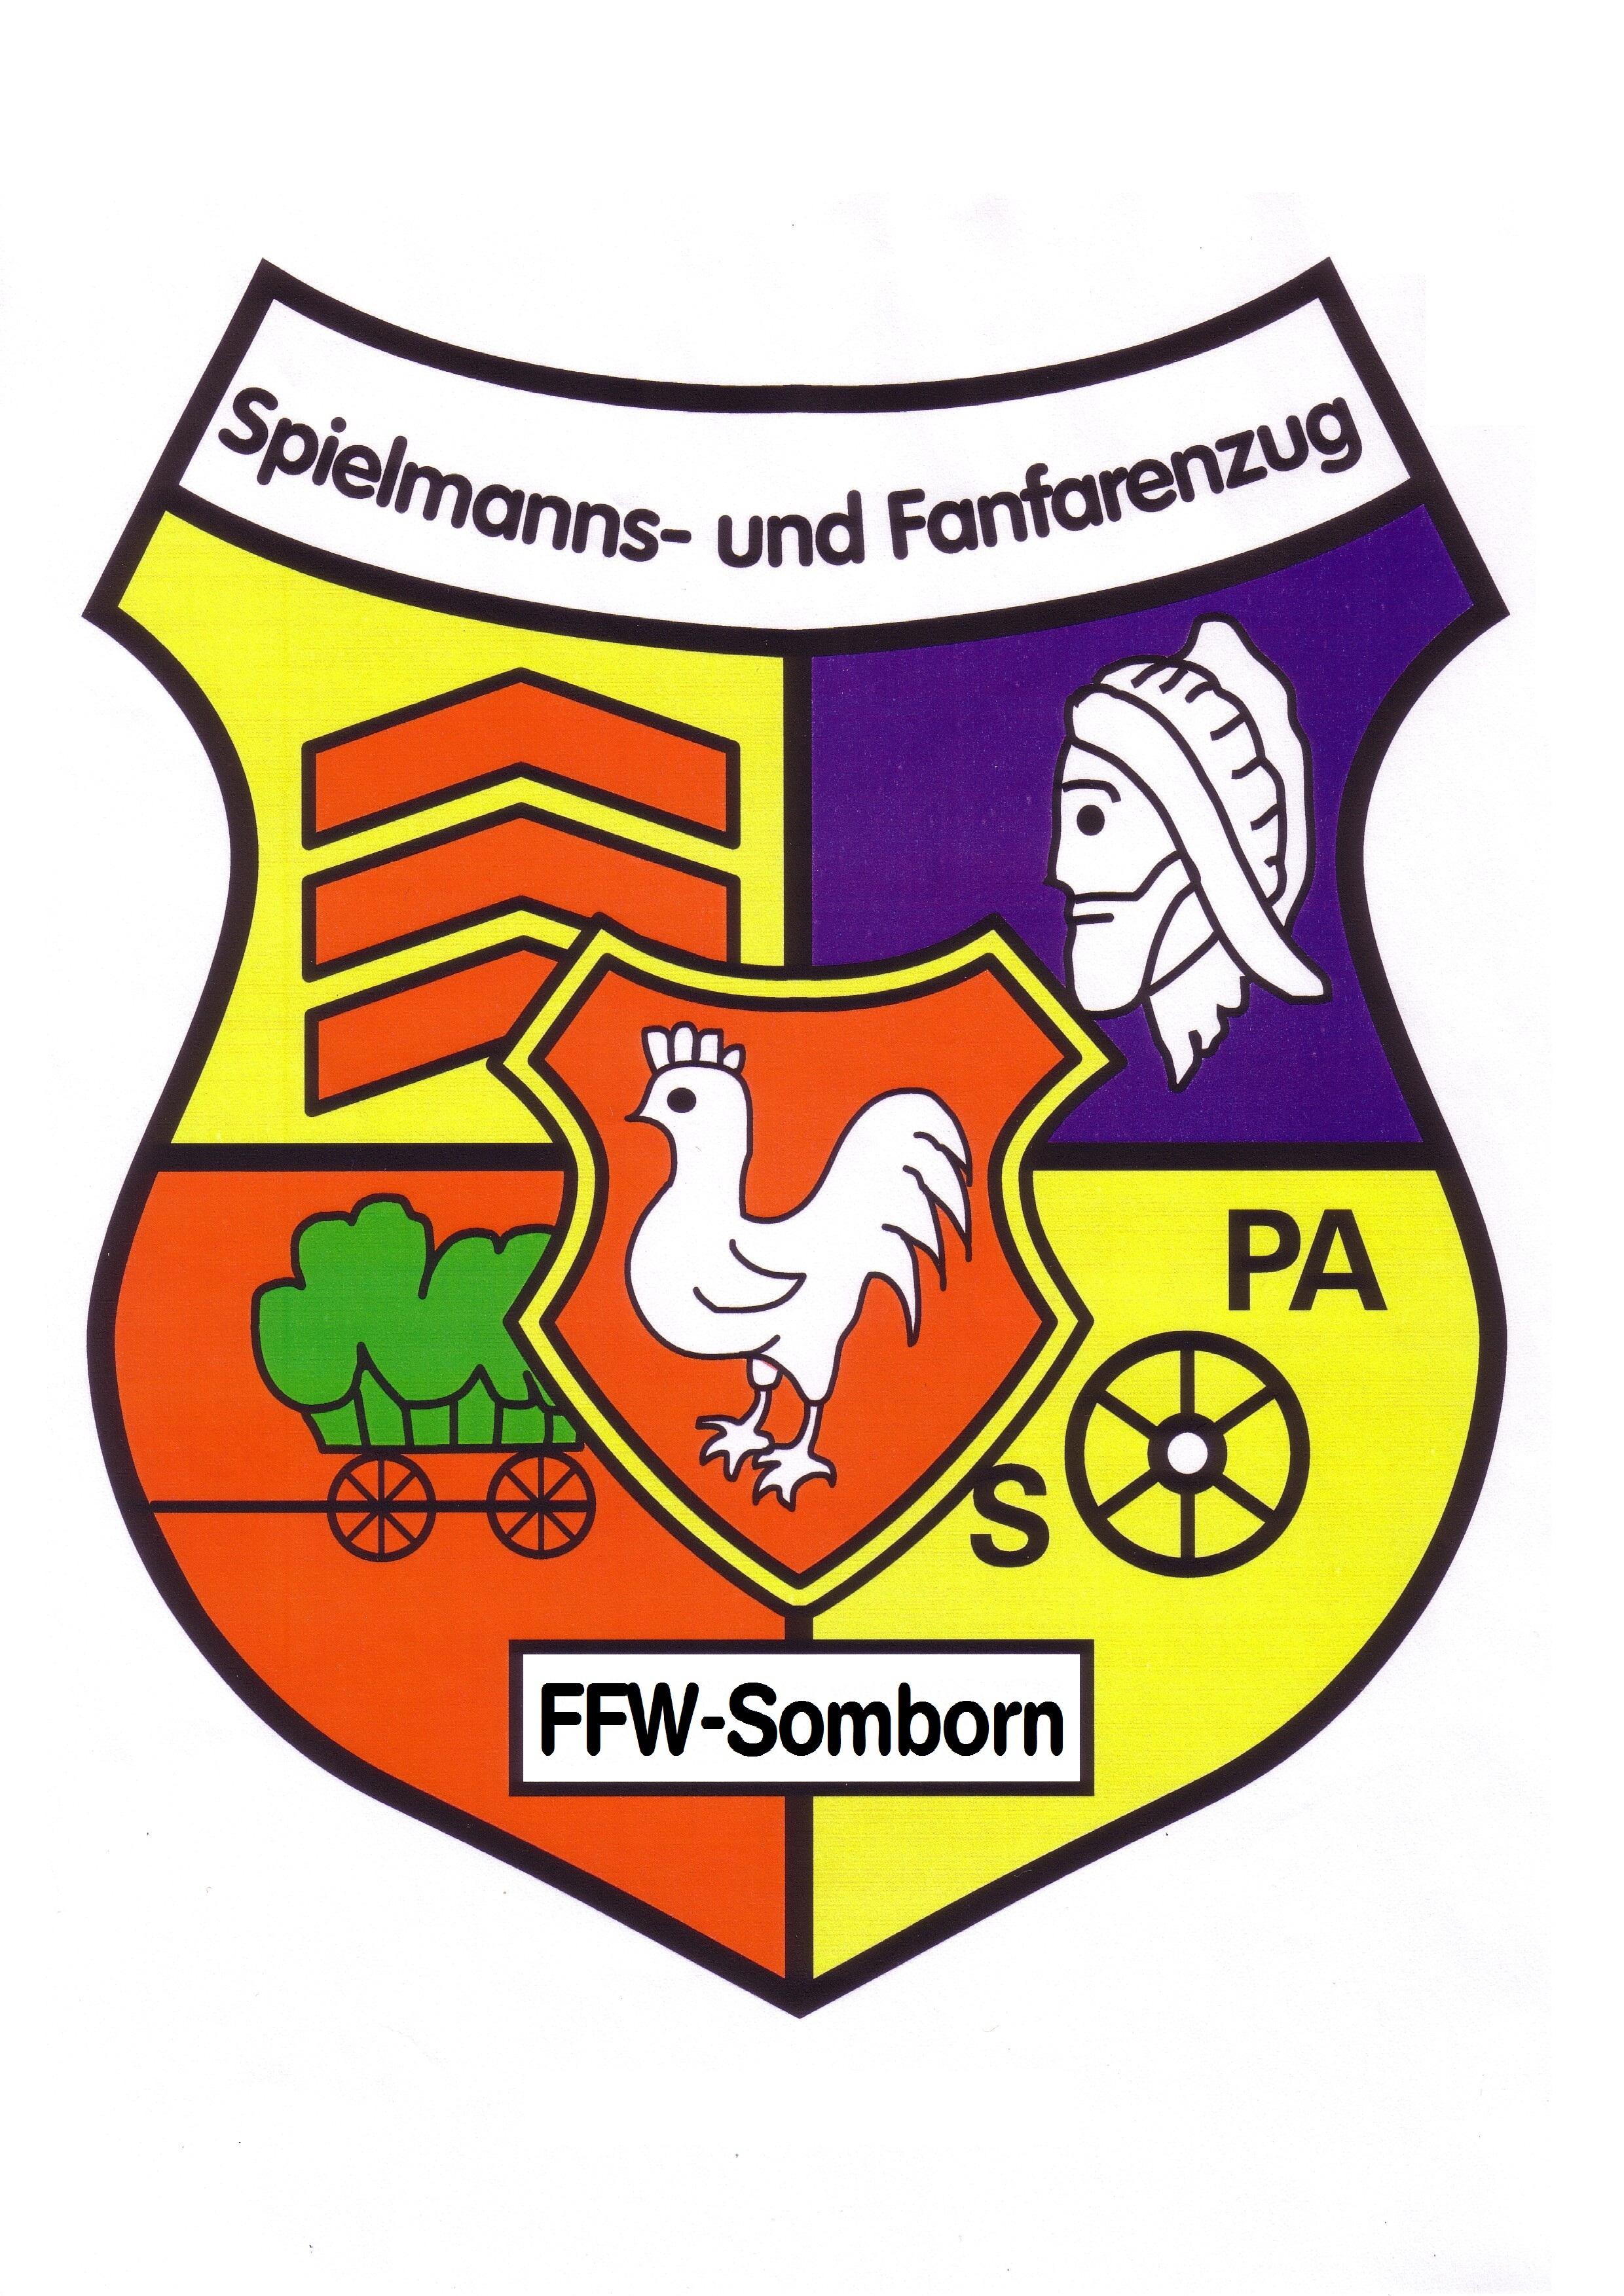 Spielmanns- und Fanfarenzug FFW Somborn